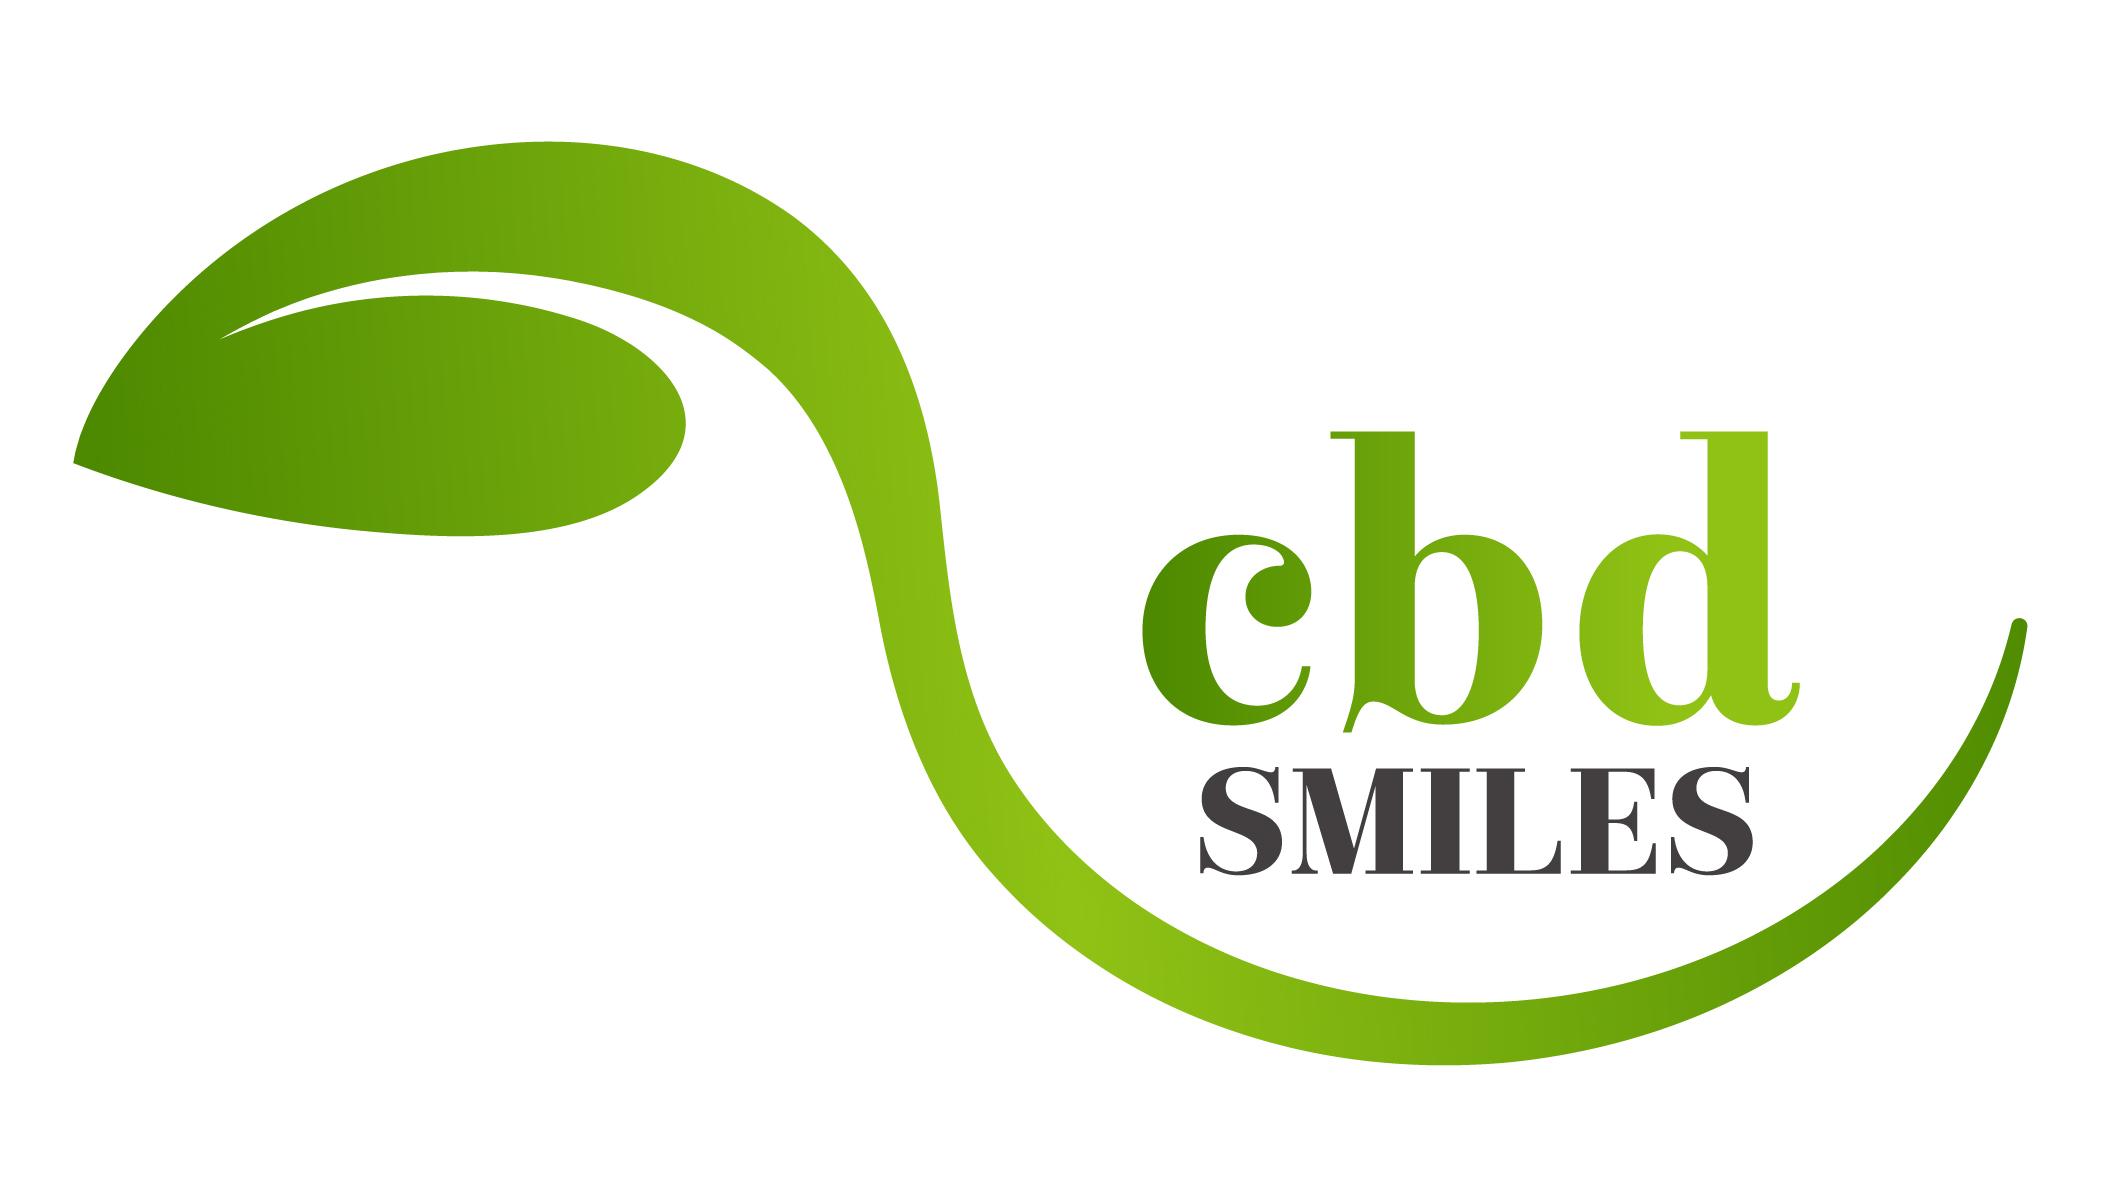 cbdsmiles.com